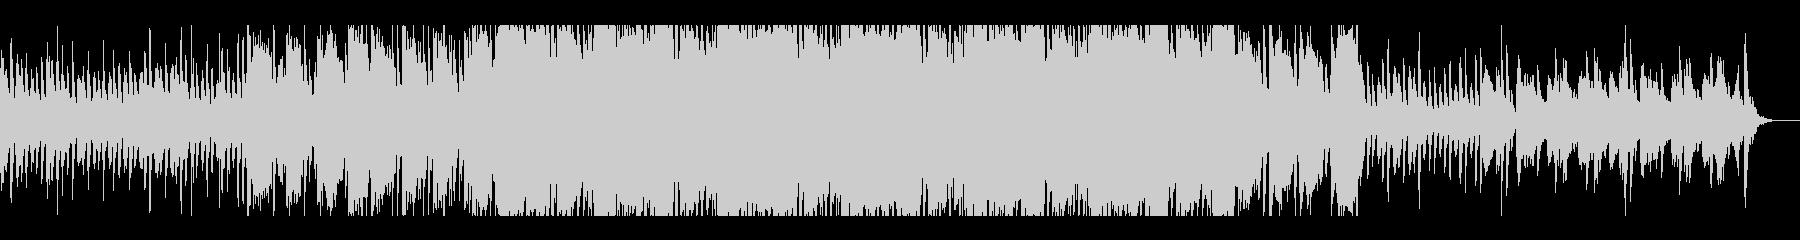 ピアノとバイオリンの洋風ホラーBGMの未再生の波形